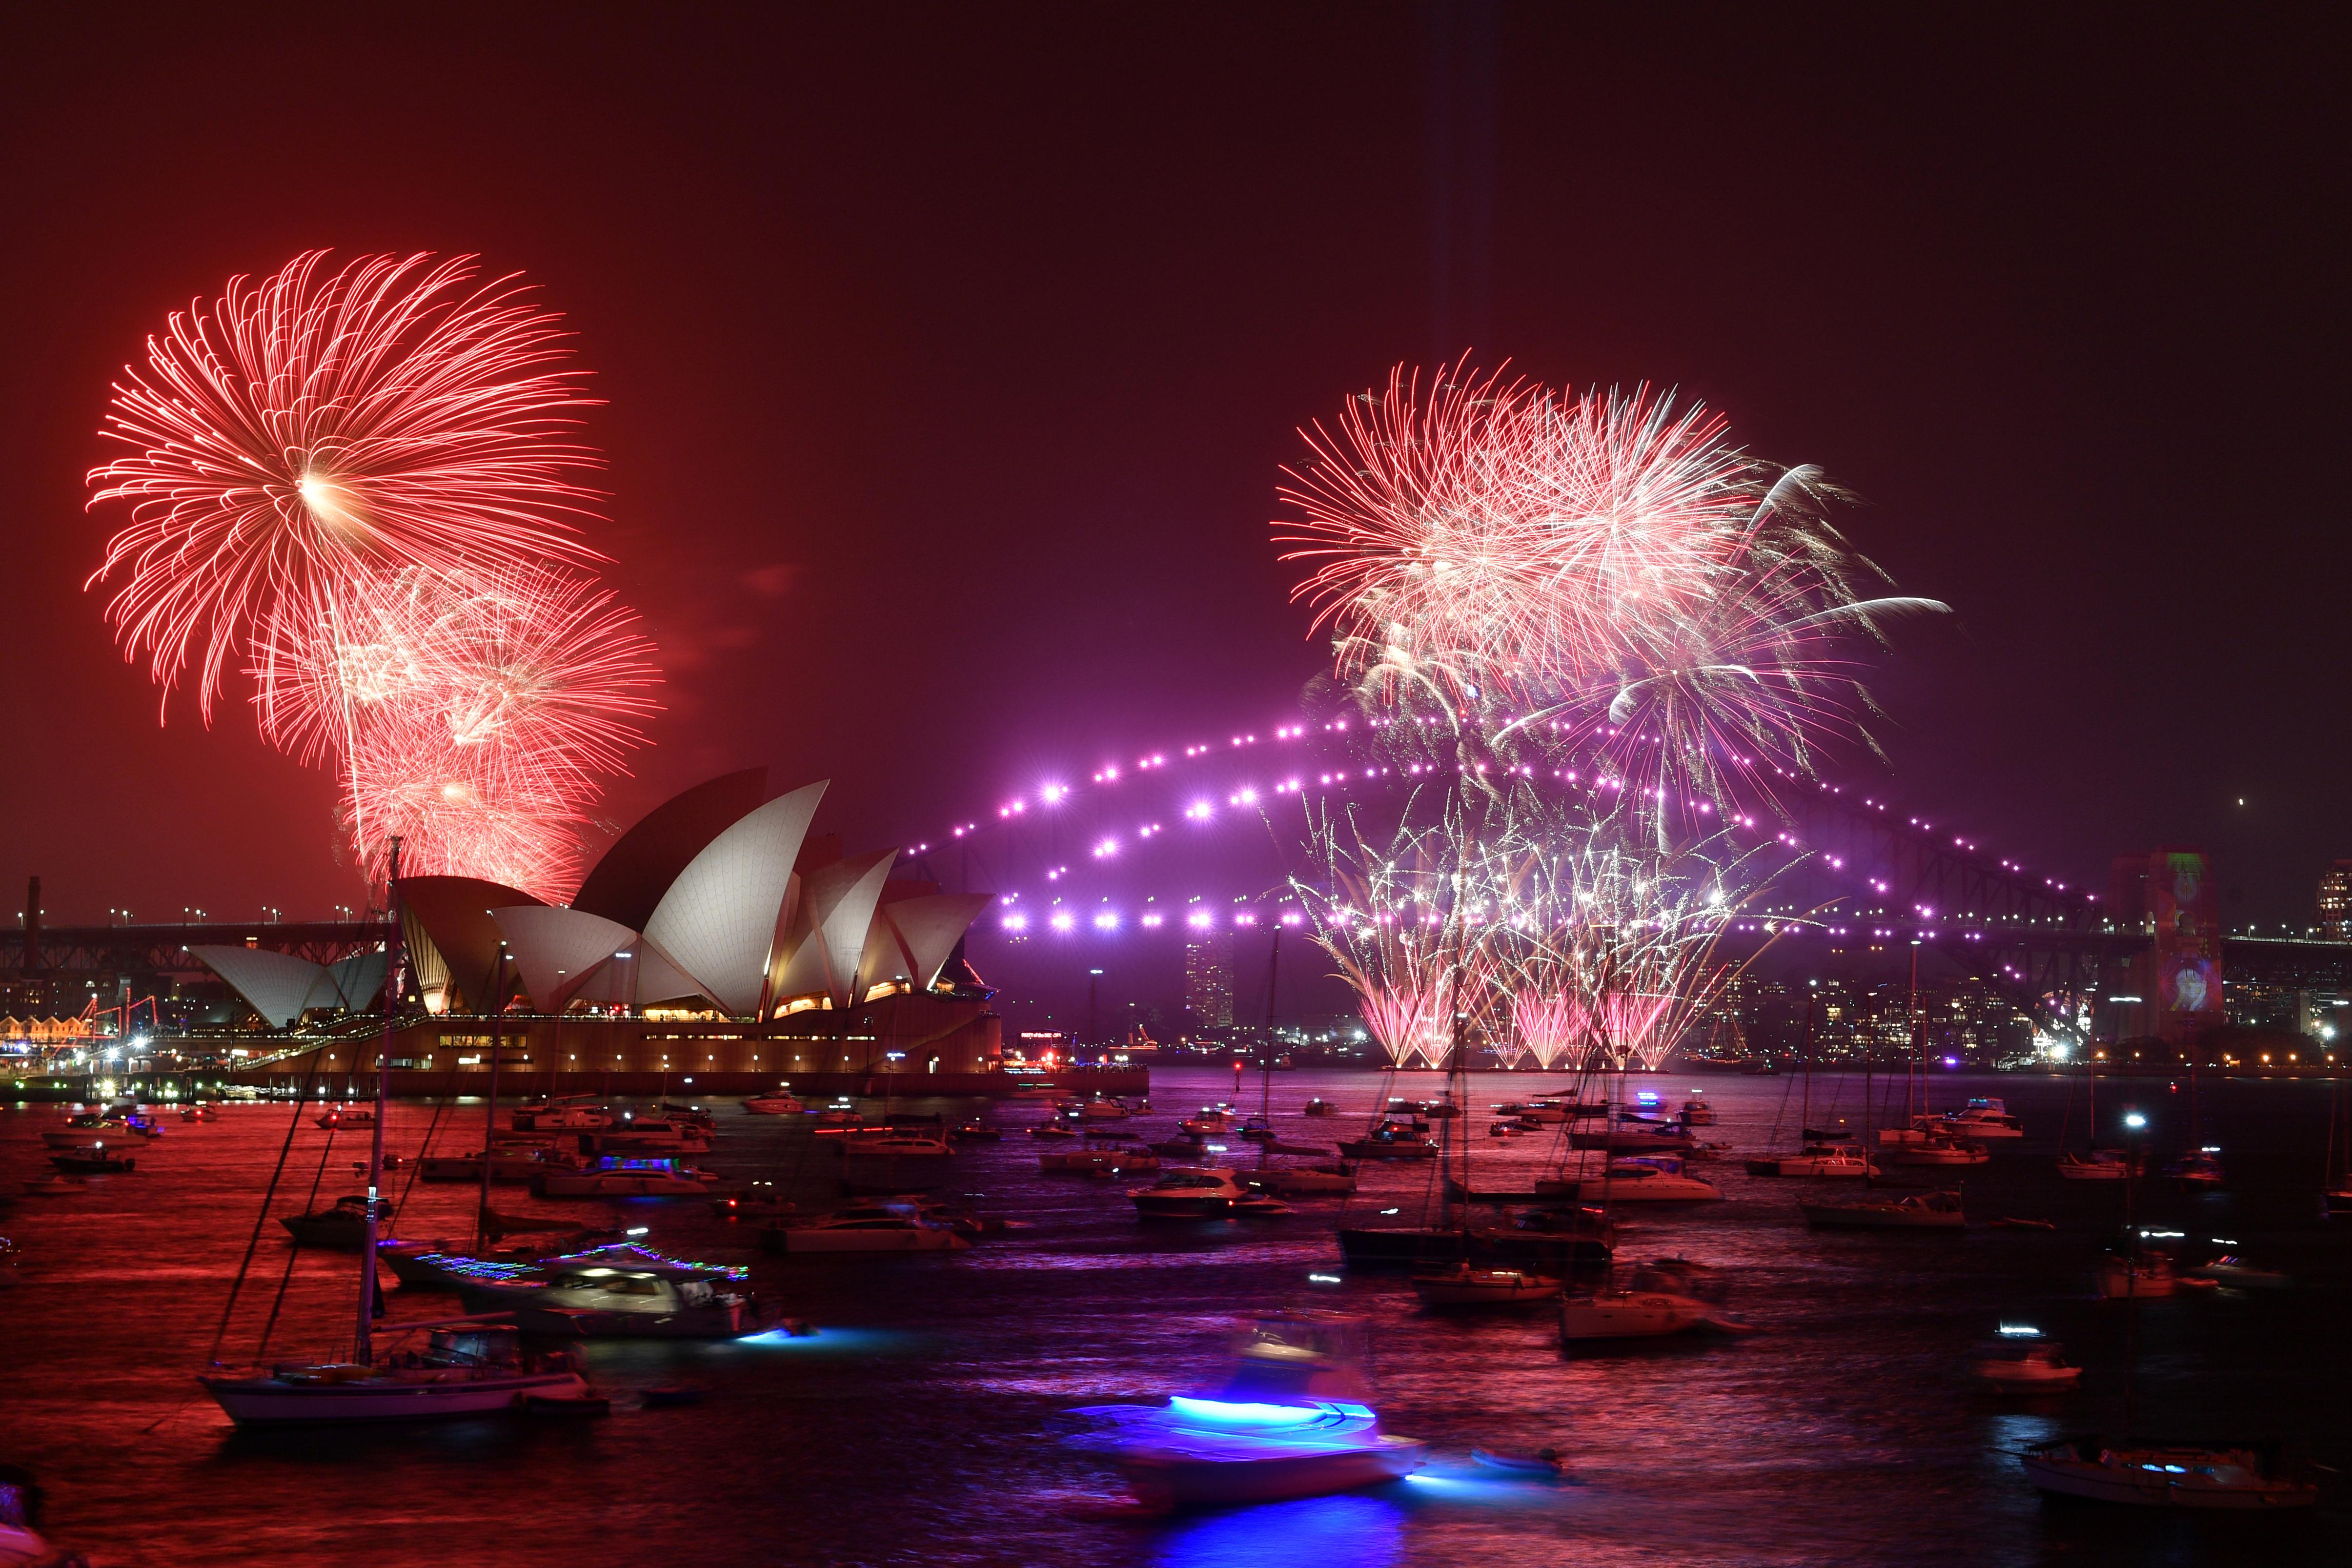 Fuegos artificiales sobre la ópera de Sidney. La tradición no se interrumpió a pesar de los incendios forestales que padecen gran parte del país.